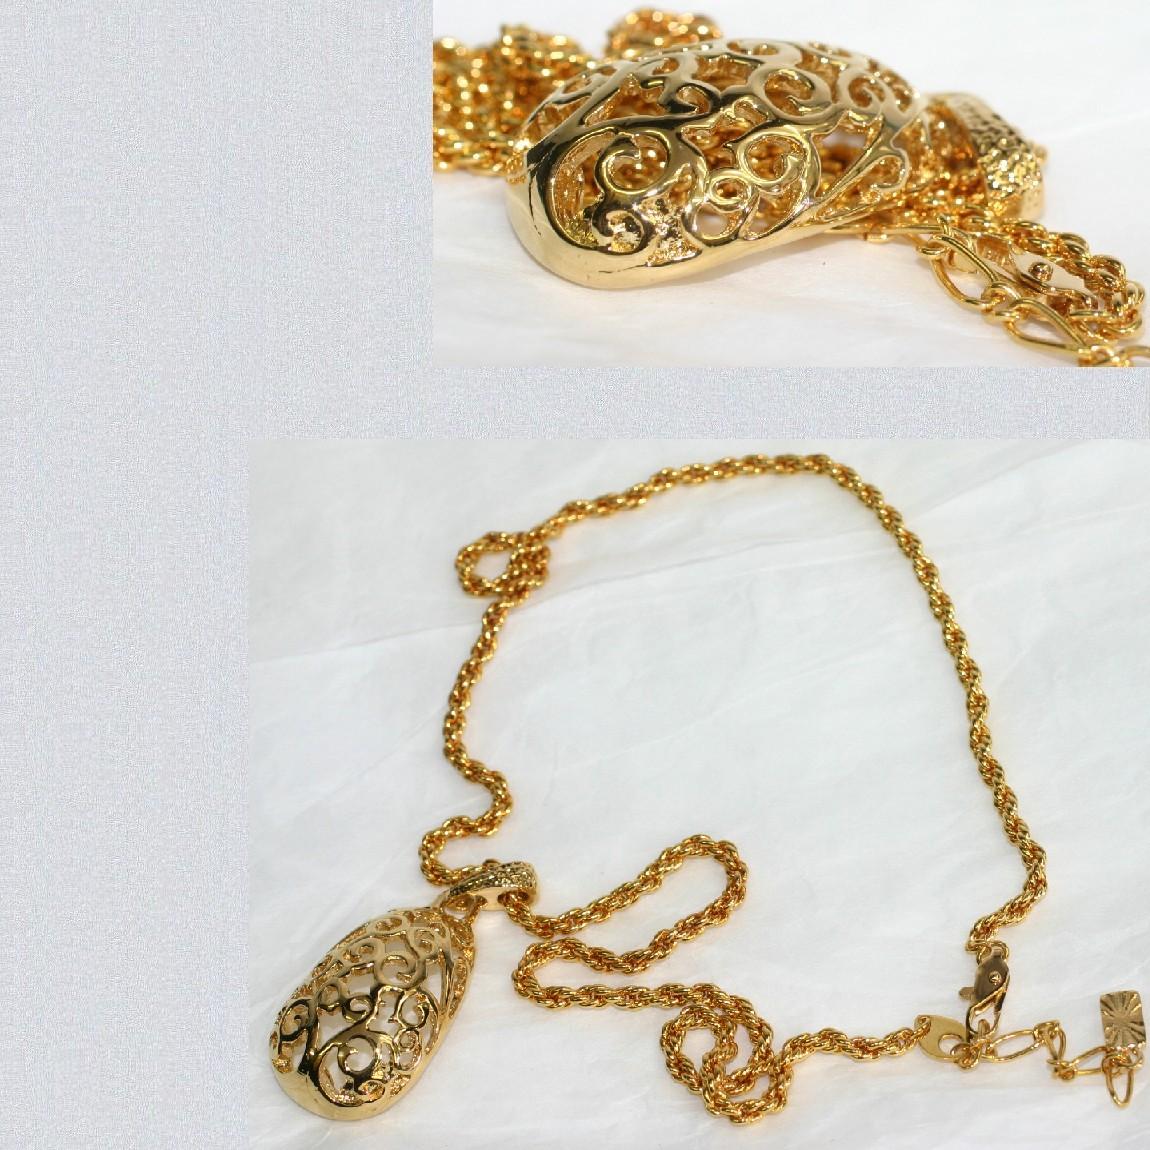 【中古】本物新品同様イヴ・サンローラン女性用金色金具彫り抜き楕円形金色大きいトップのついたチェーンネックレス重さ24,9g プレゼントに最適です